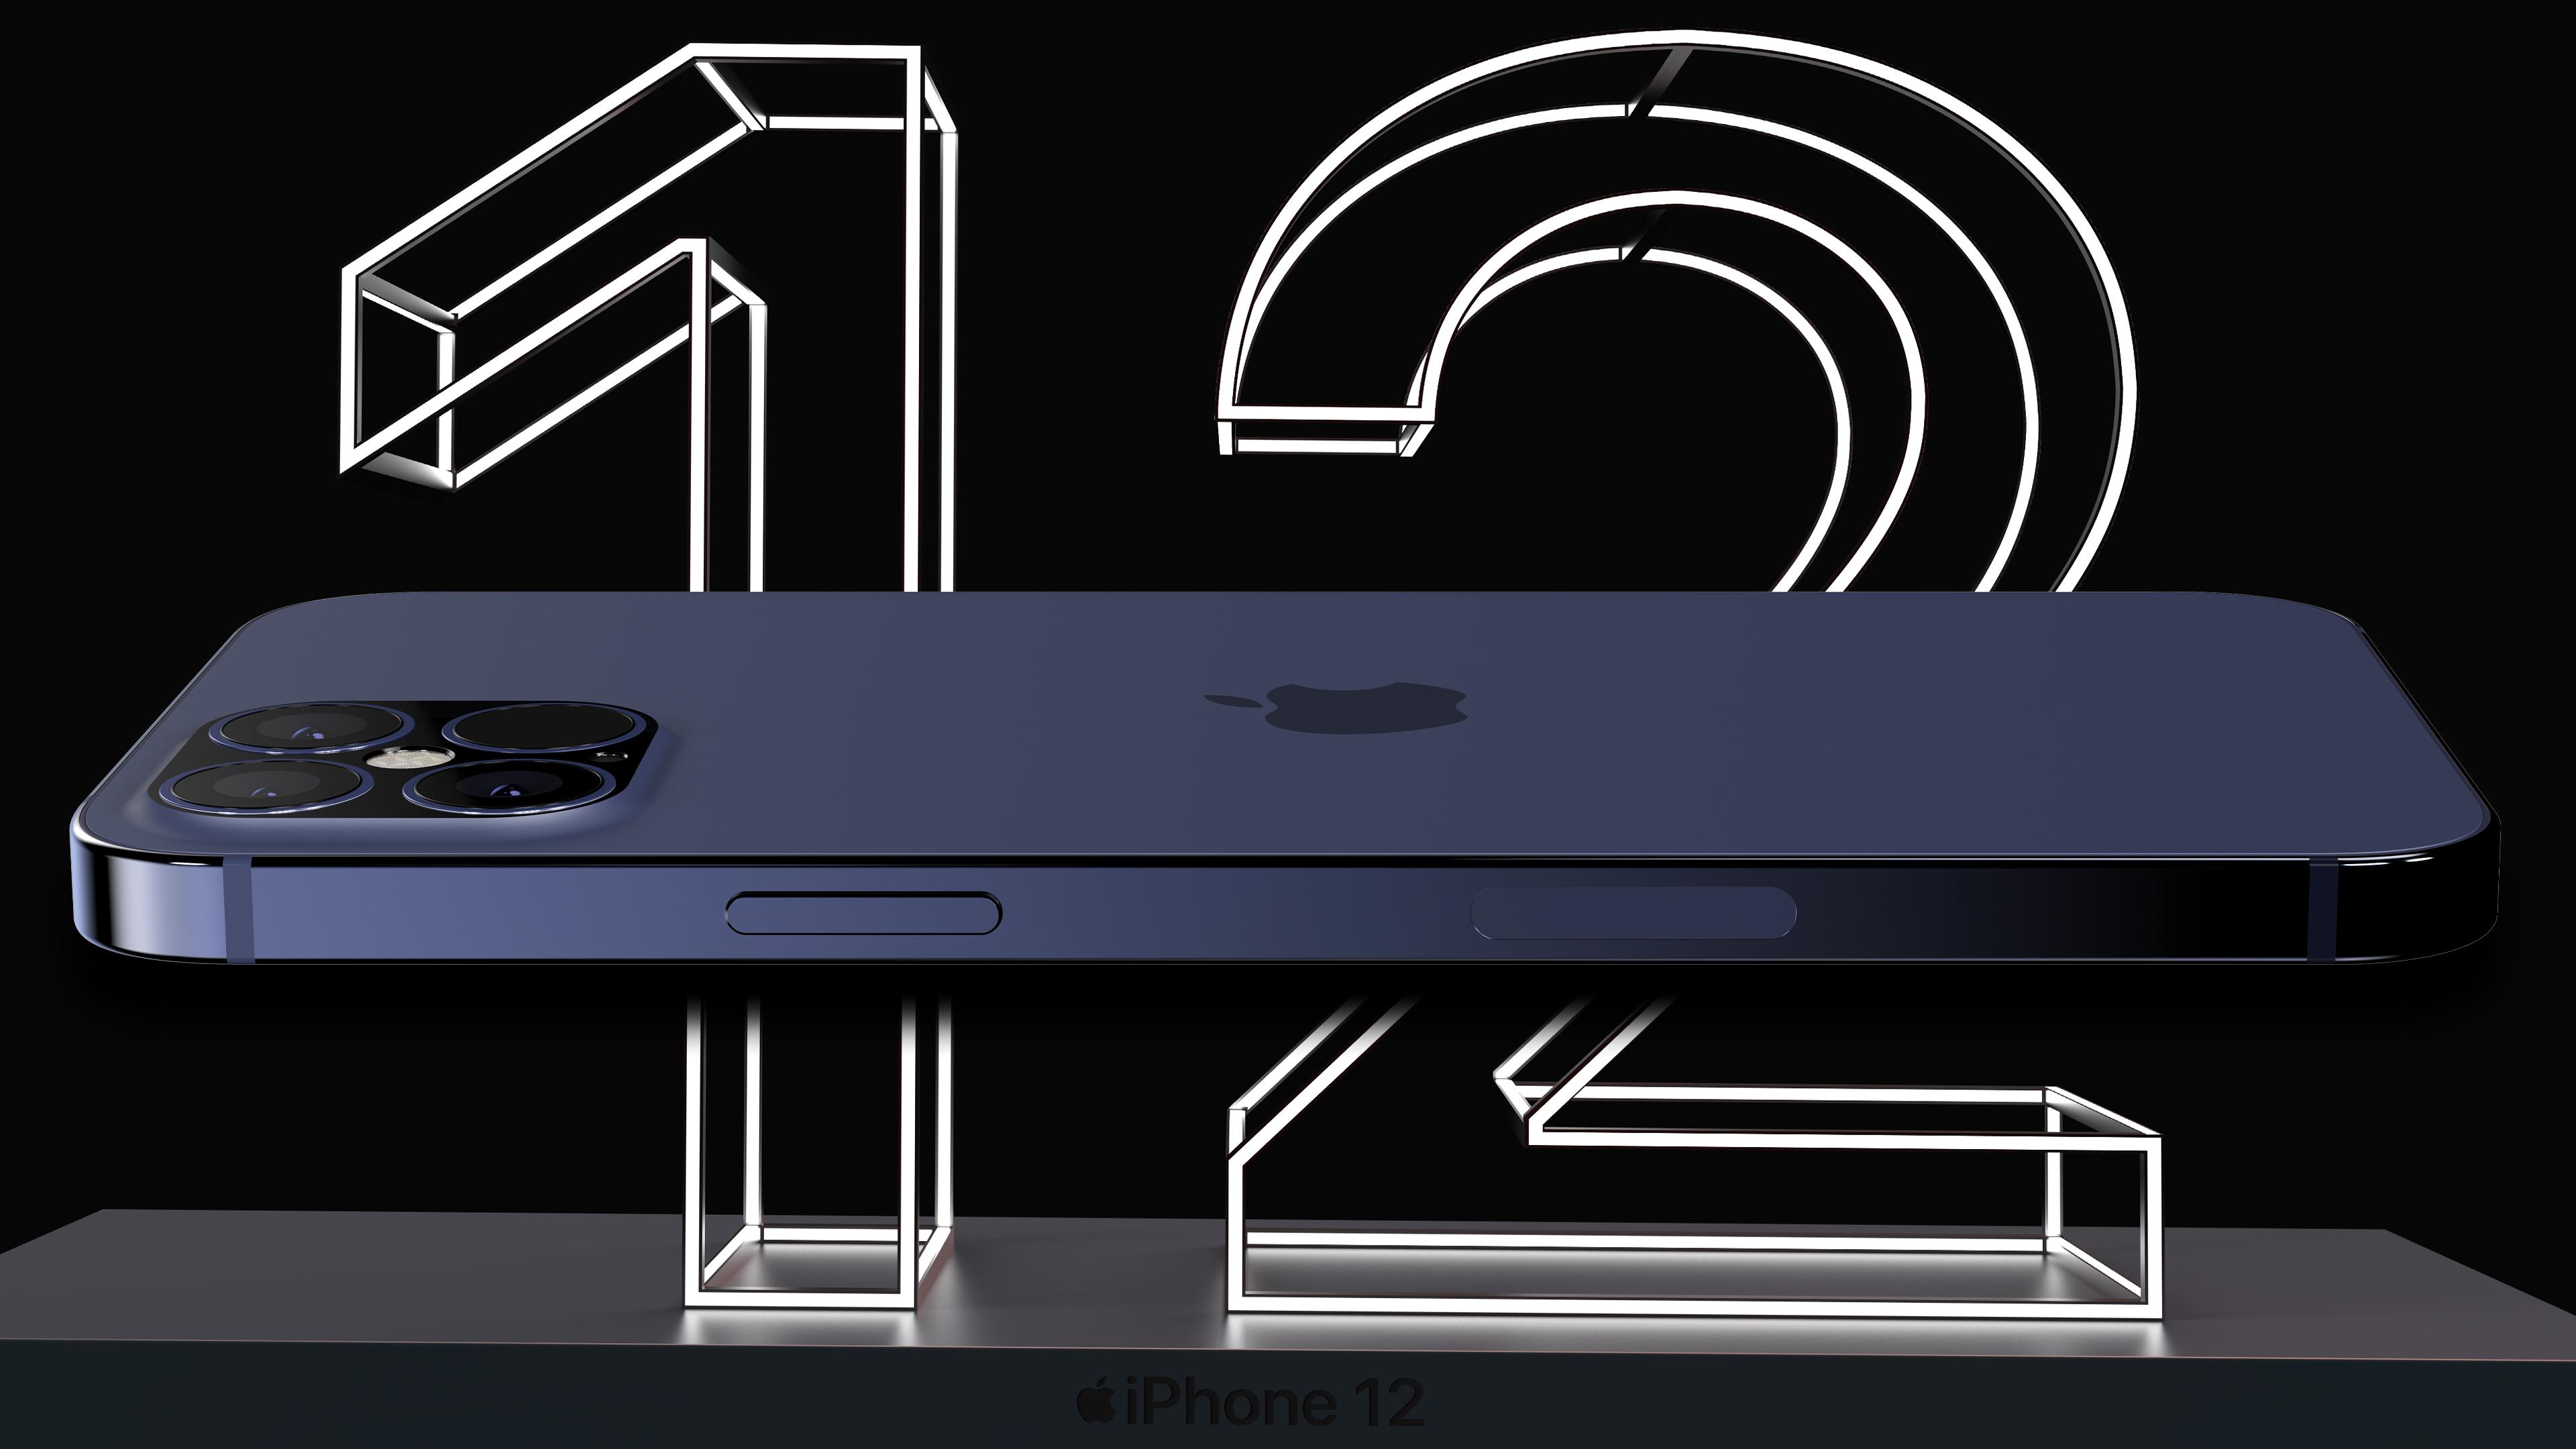 Apple iPhone 12 Pro Max cena rendery design plotki przecieki wycieki kiedy premiera wygląd 5G pamięć na dane 128 GB